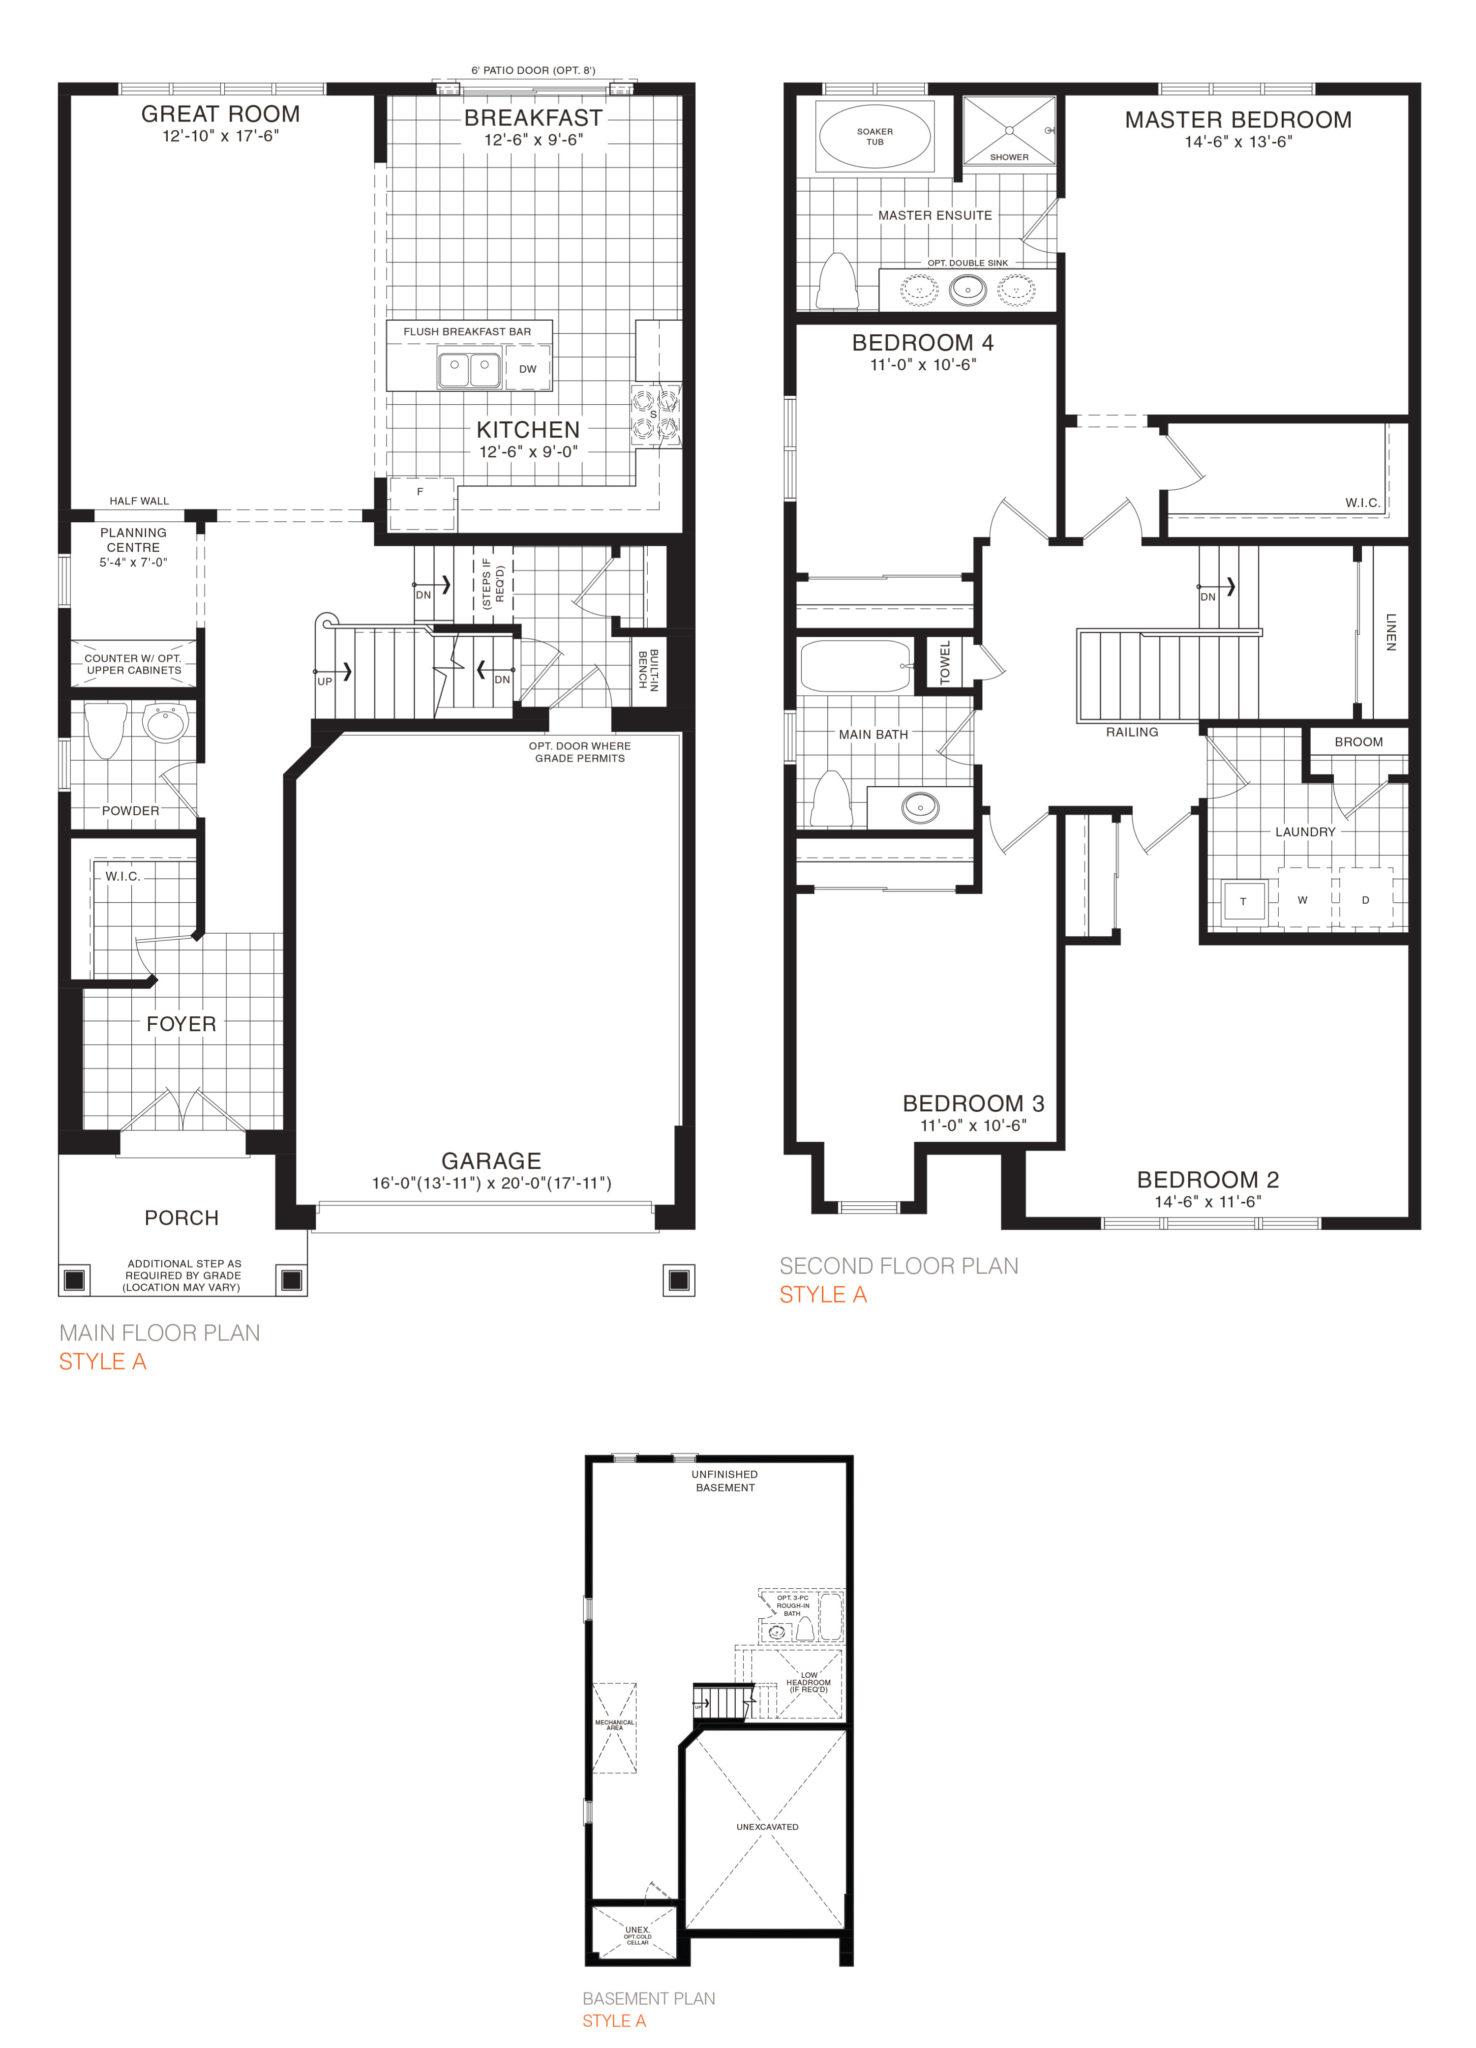 22534-camrose-33-floor-plan-updated-2020-05-27